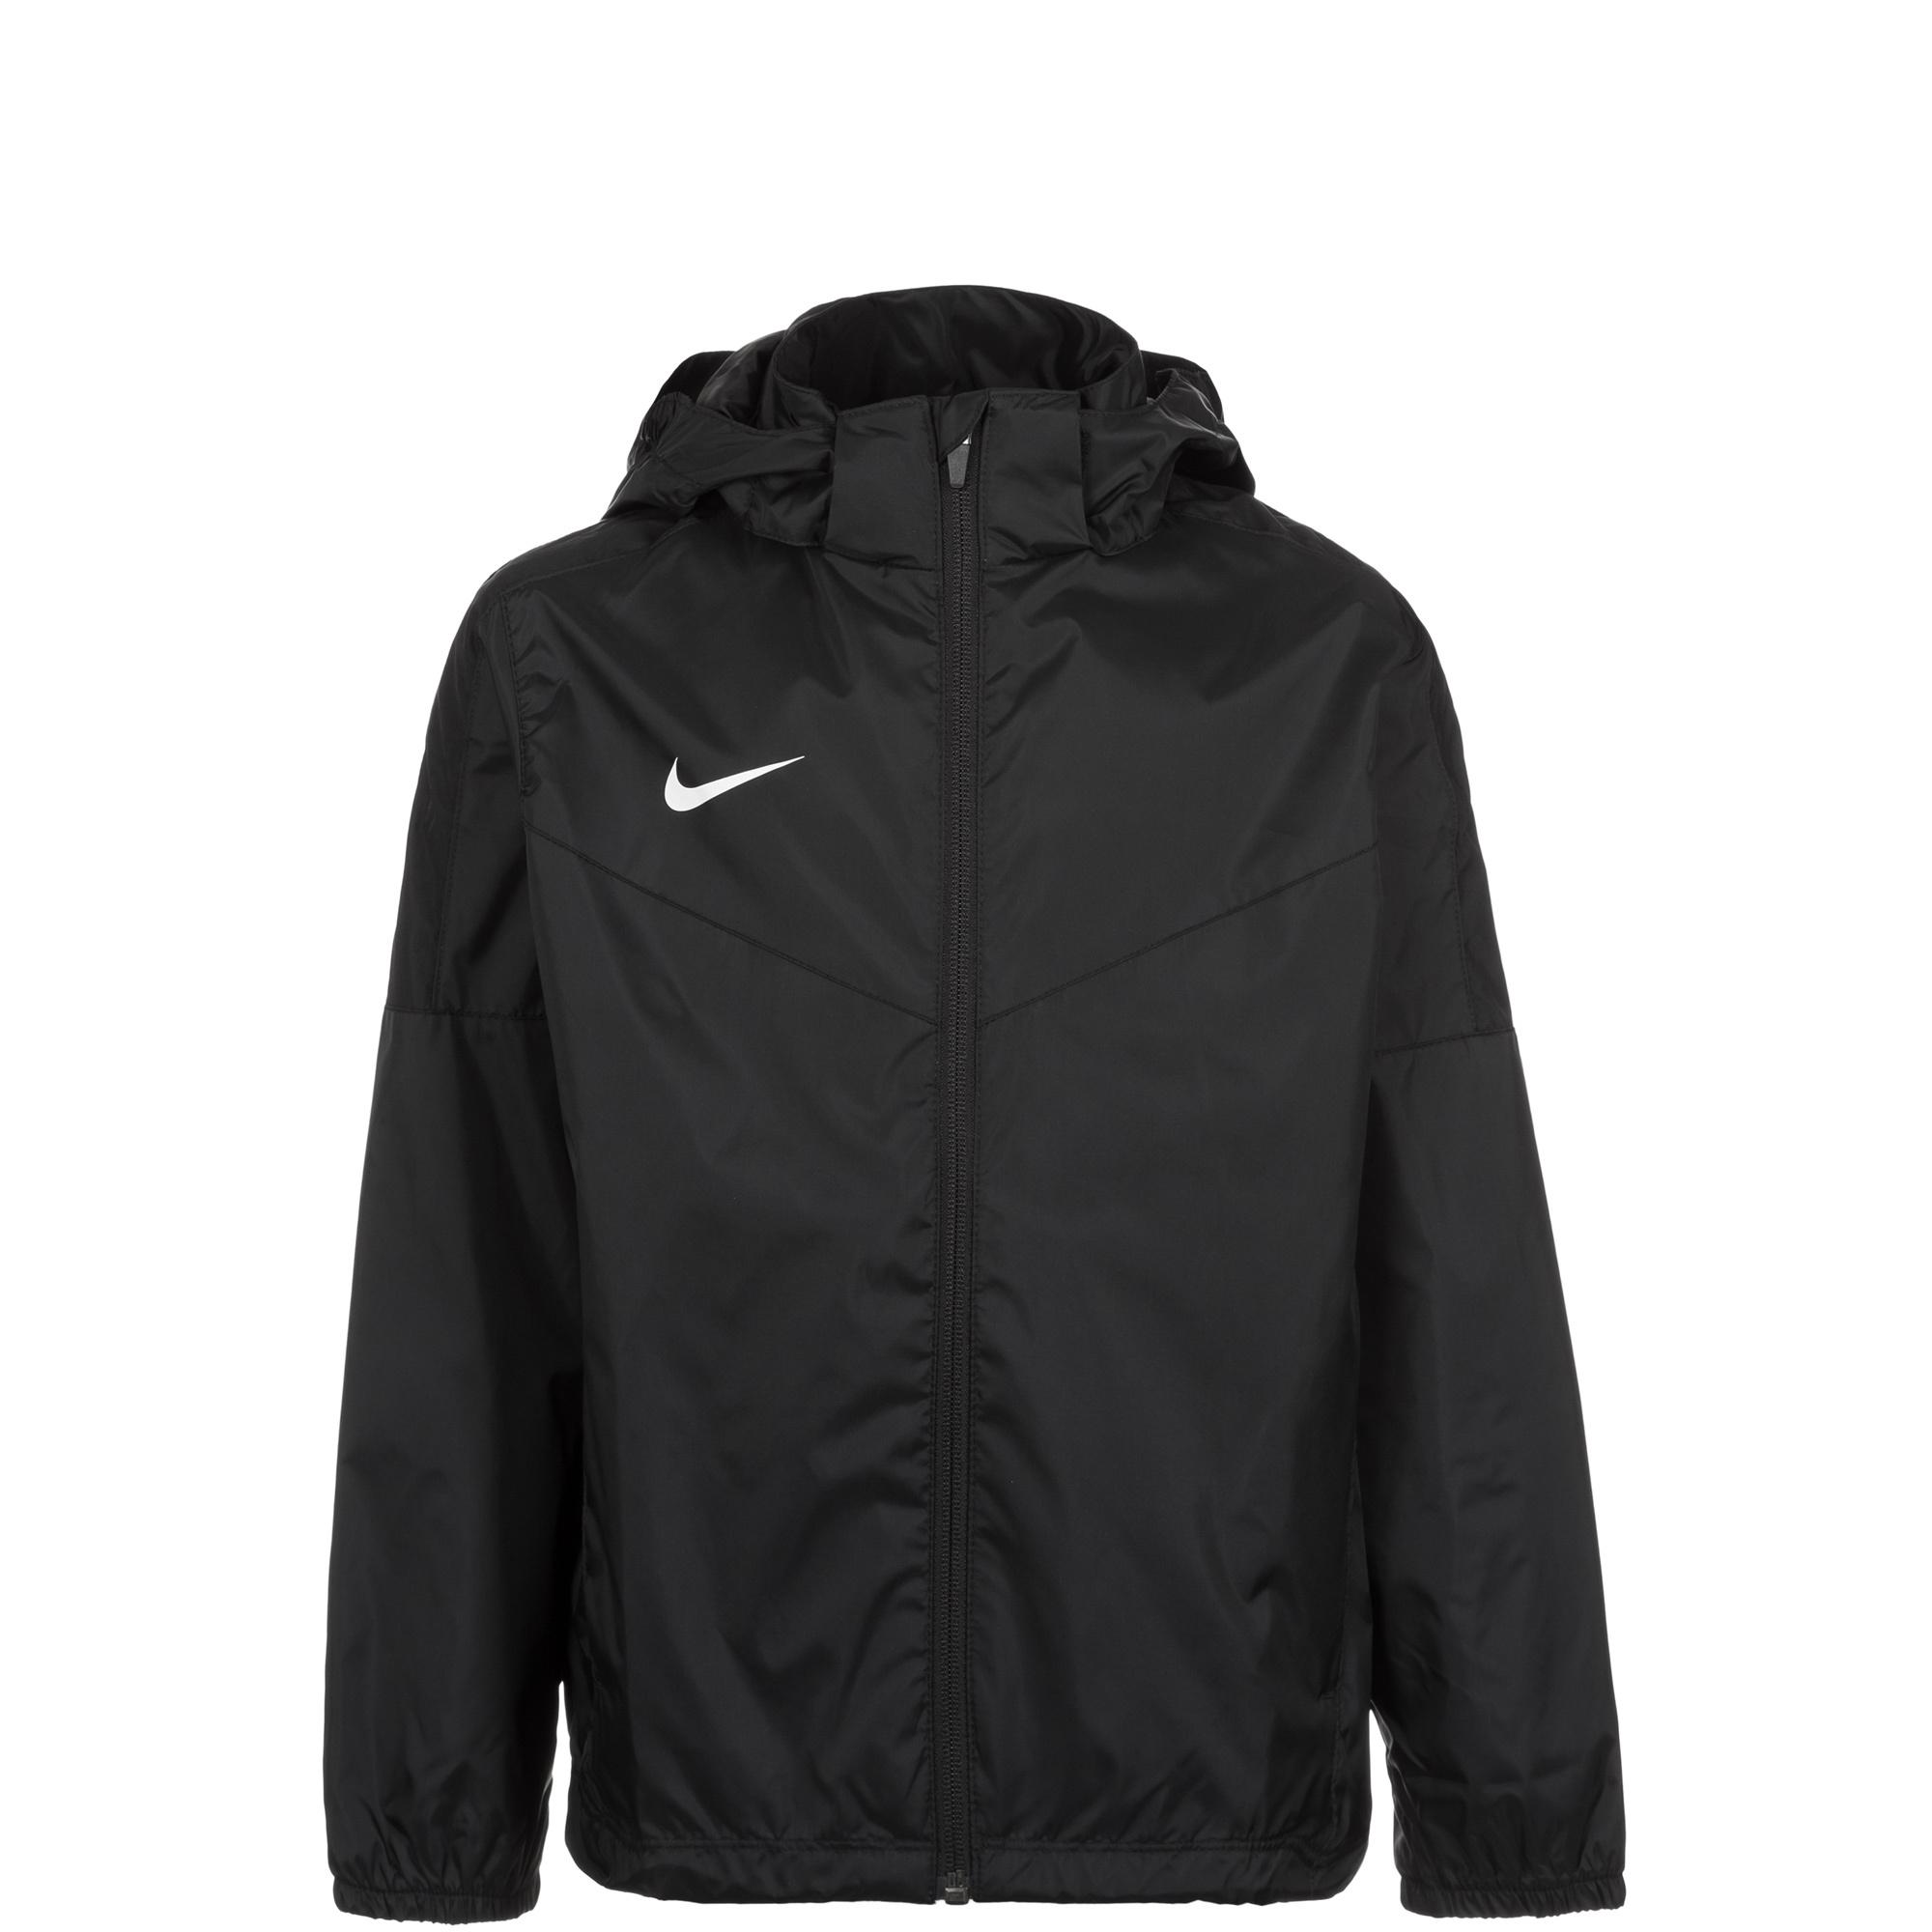 Nike Rain Jacket Team Sideline Black Kids